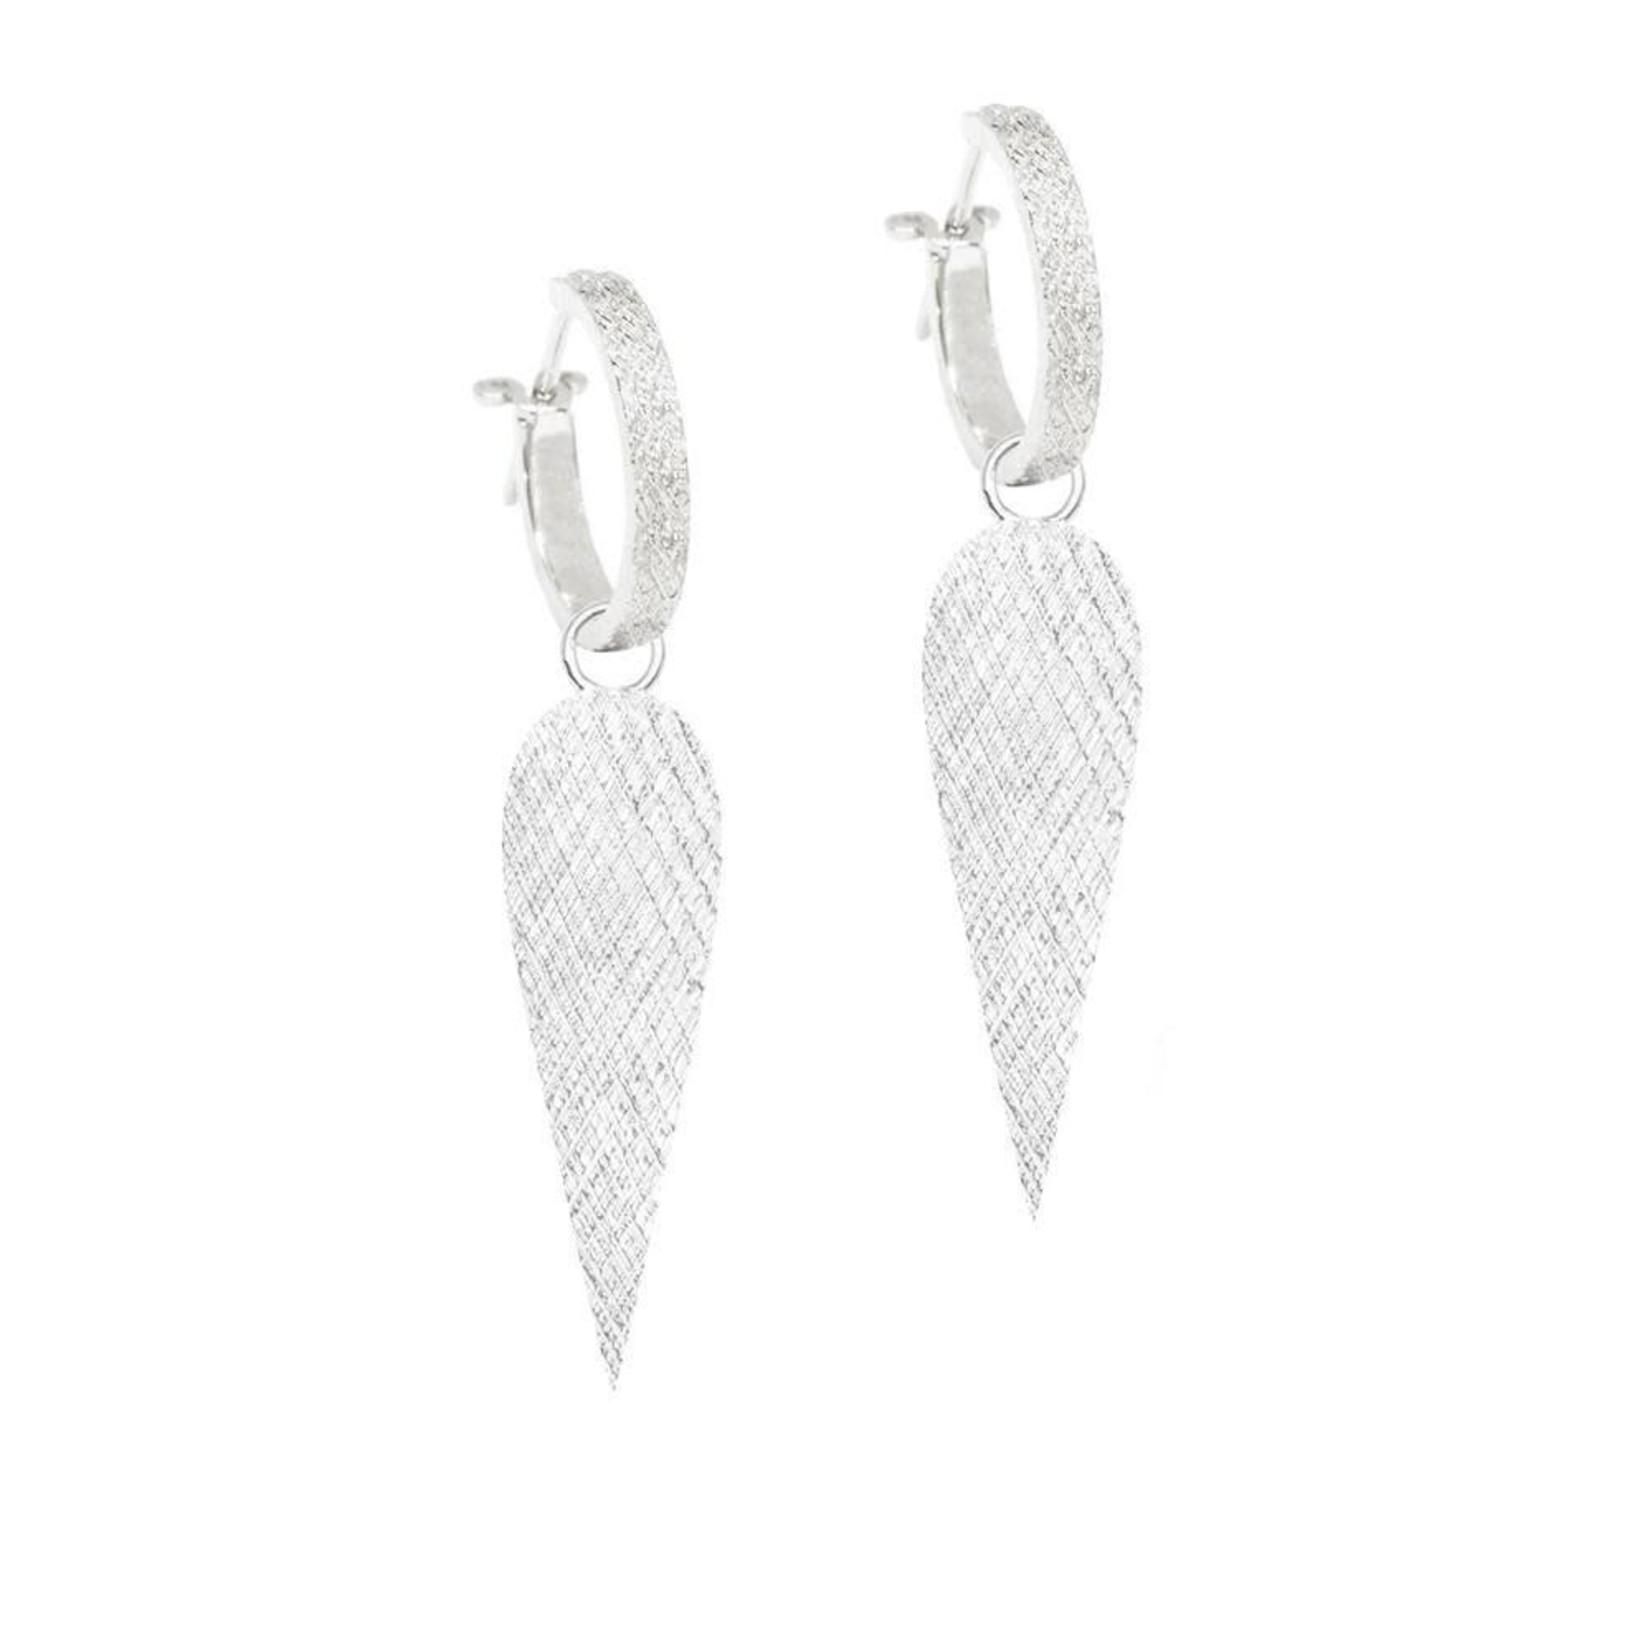 Sterling Silver Angel Wings 12mm Earring Jackets Sterling